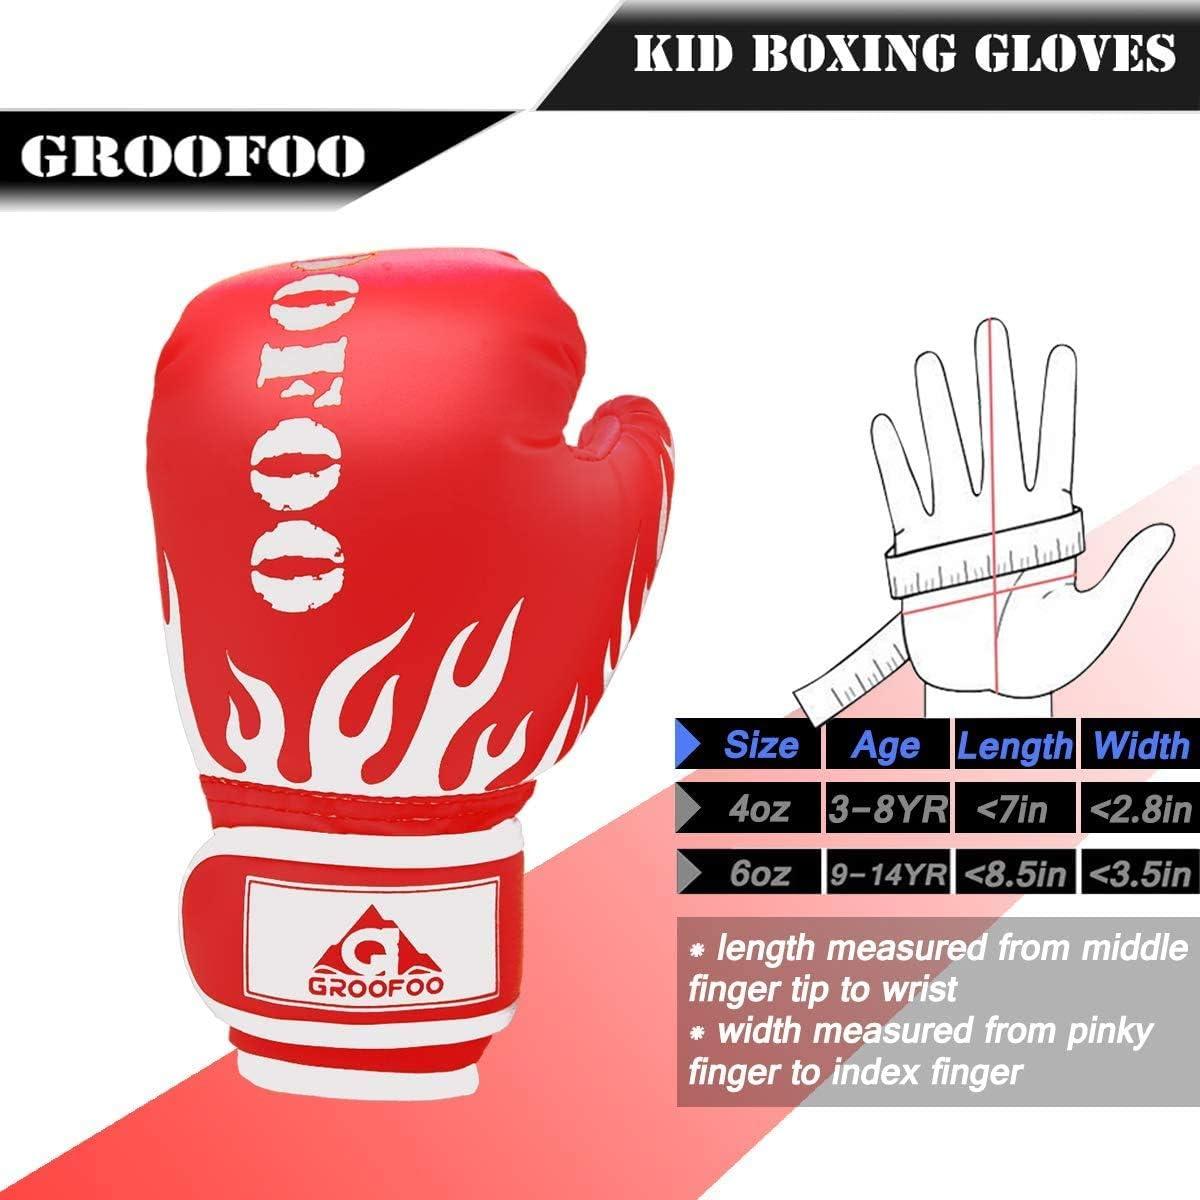 GROOFOO Kinder Boxhandschuhe f/ür Kinder Boxsack Sparring Training 4oz 6oz fit 3 bis 14 Jahre